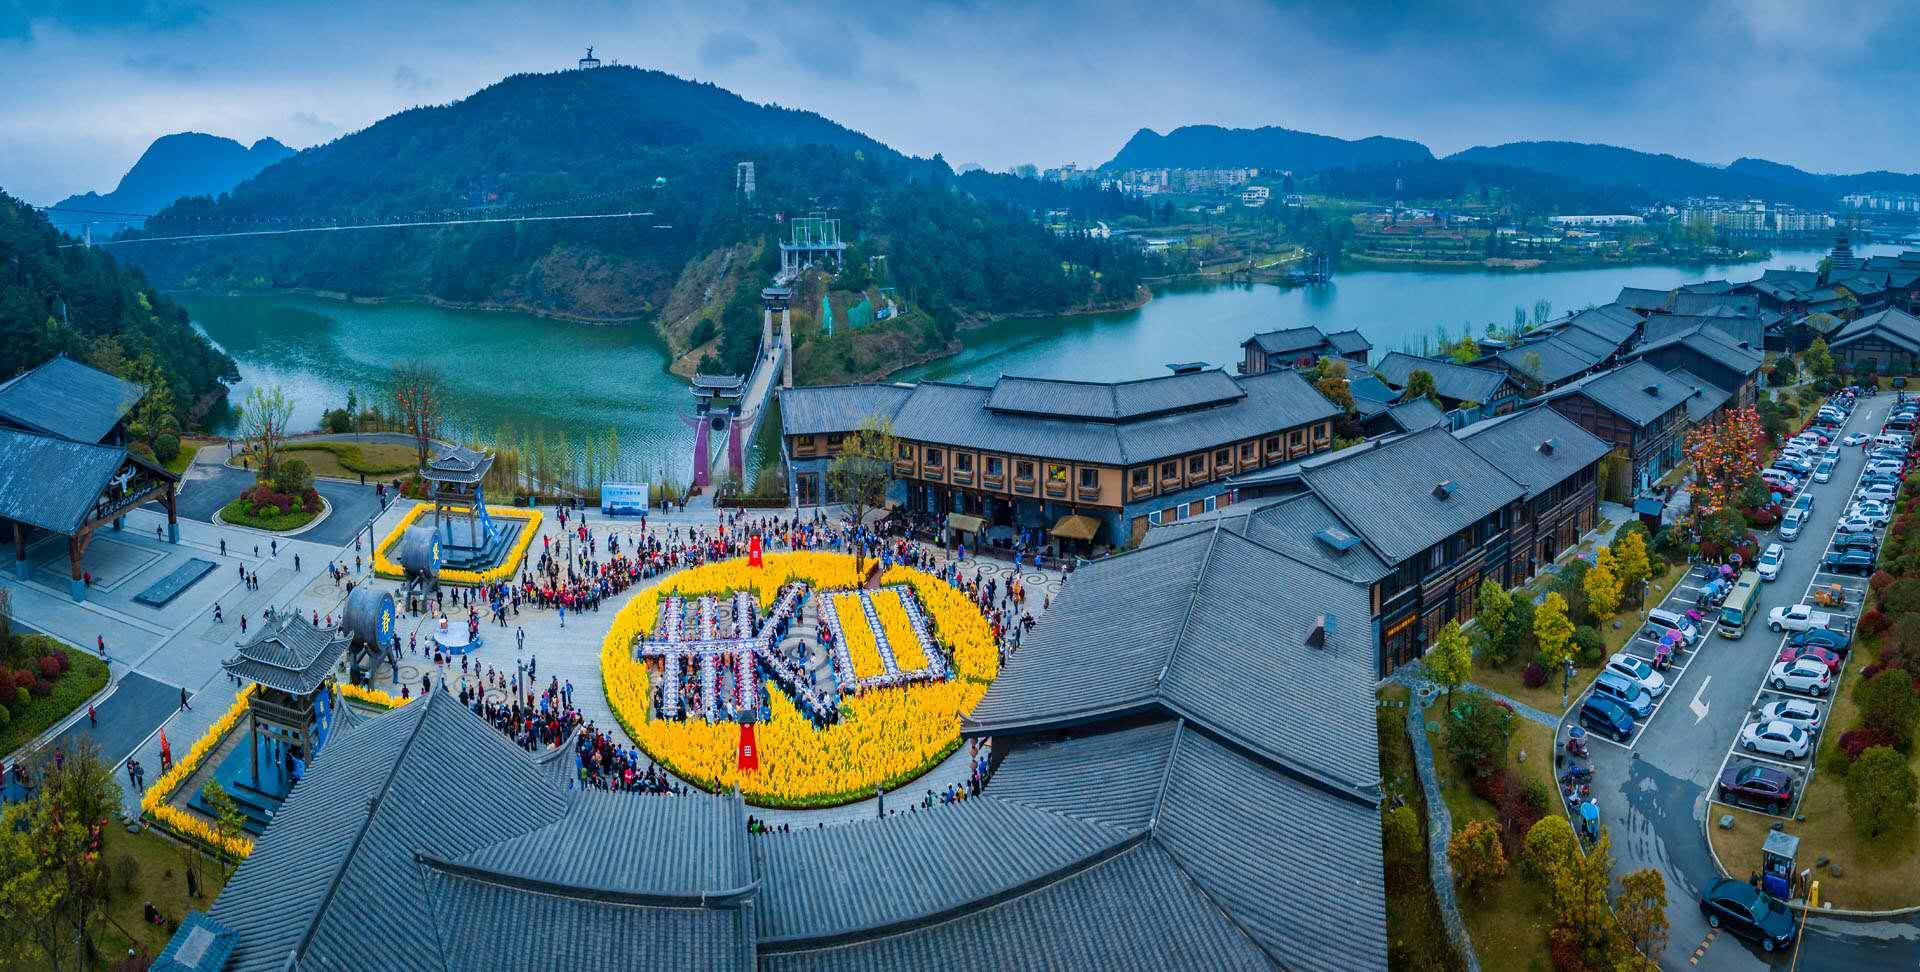 云上丹寨摄影月赛第四期获奖名单公布